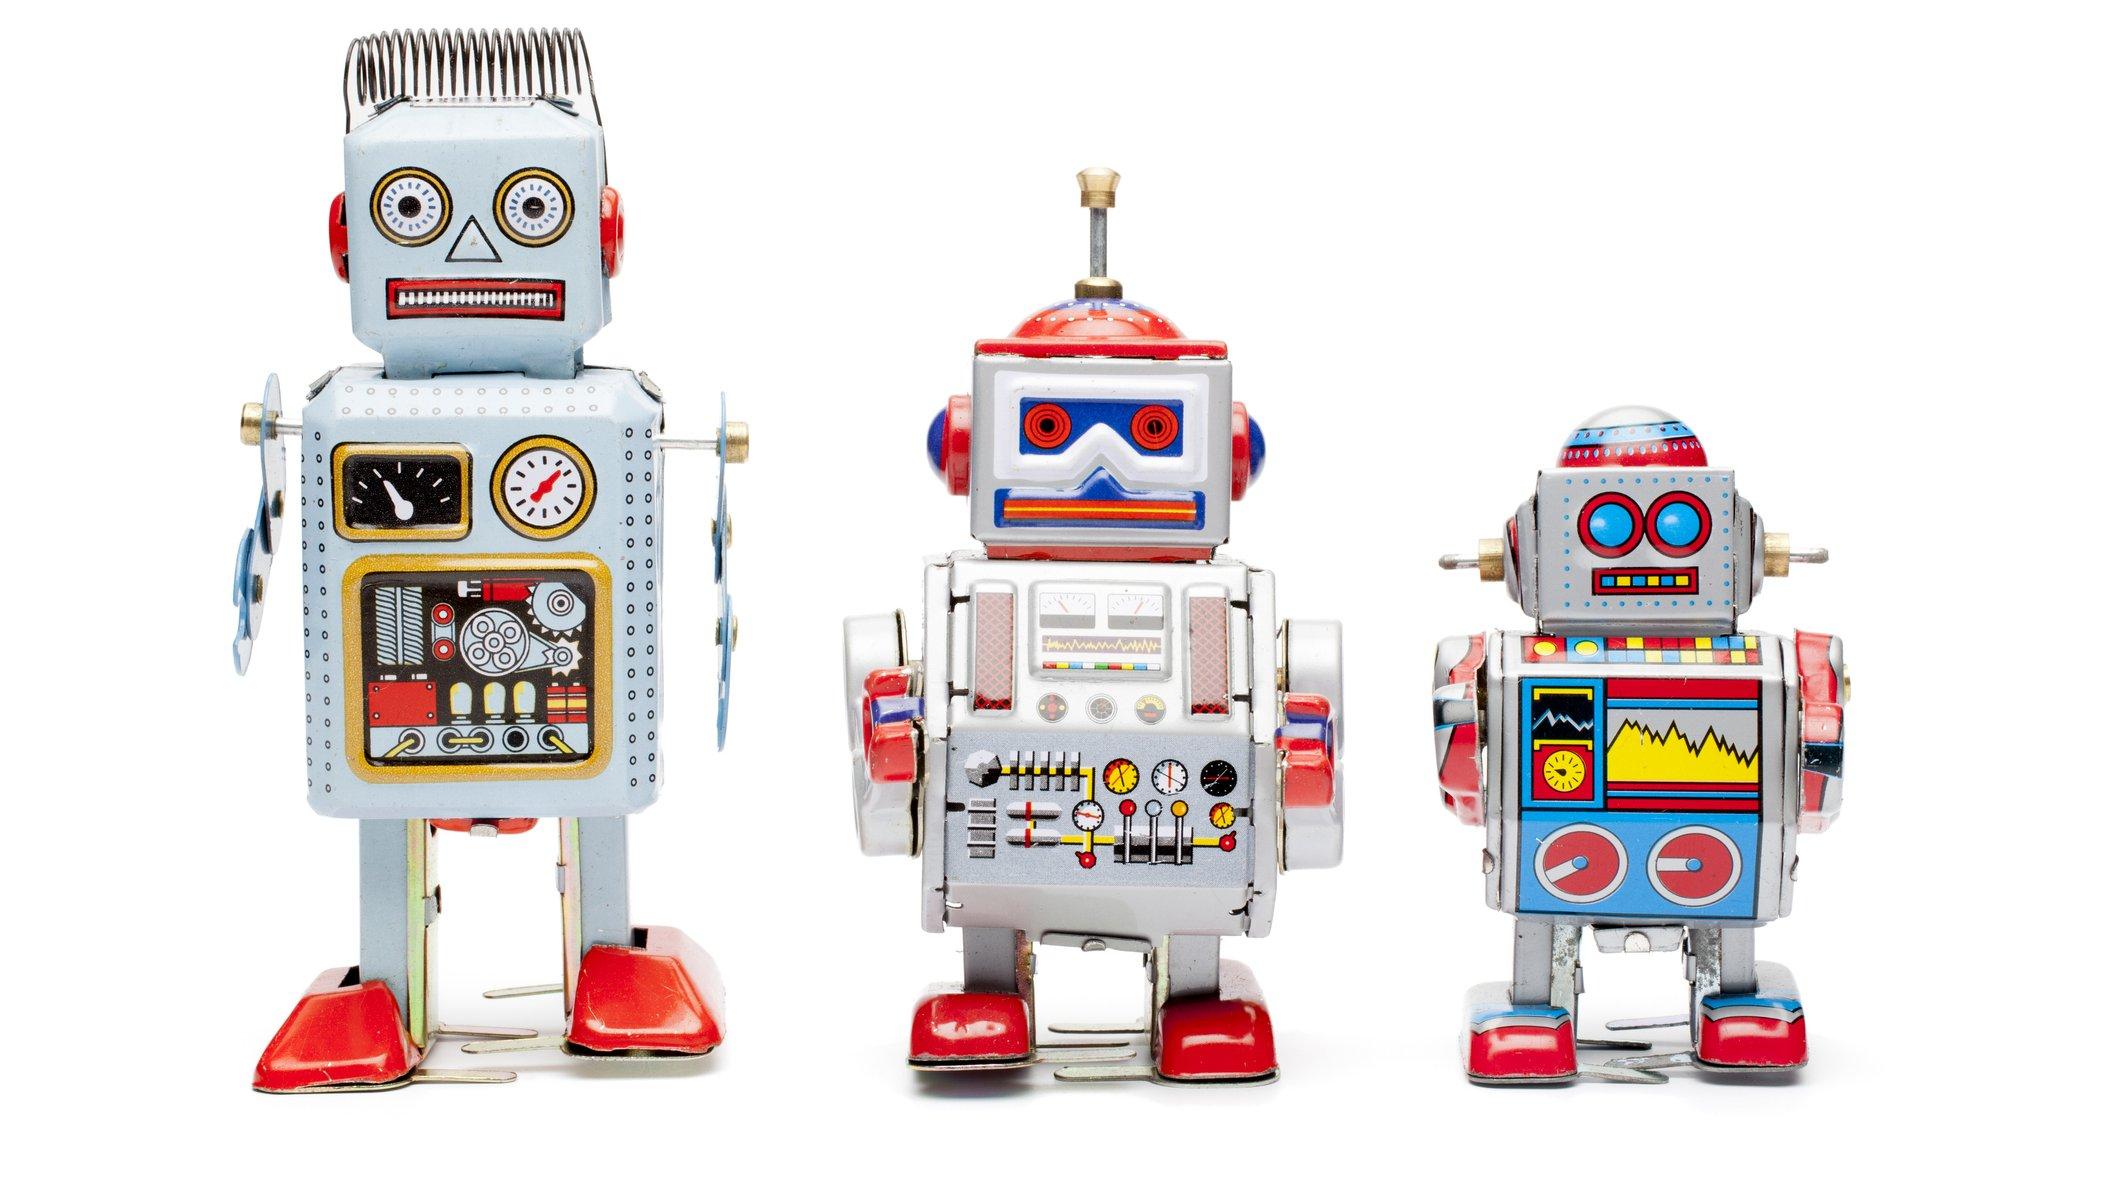 Robotarna kommer i många olika storlekar, och de liknar inte alltid människans form.